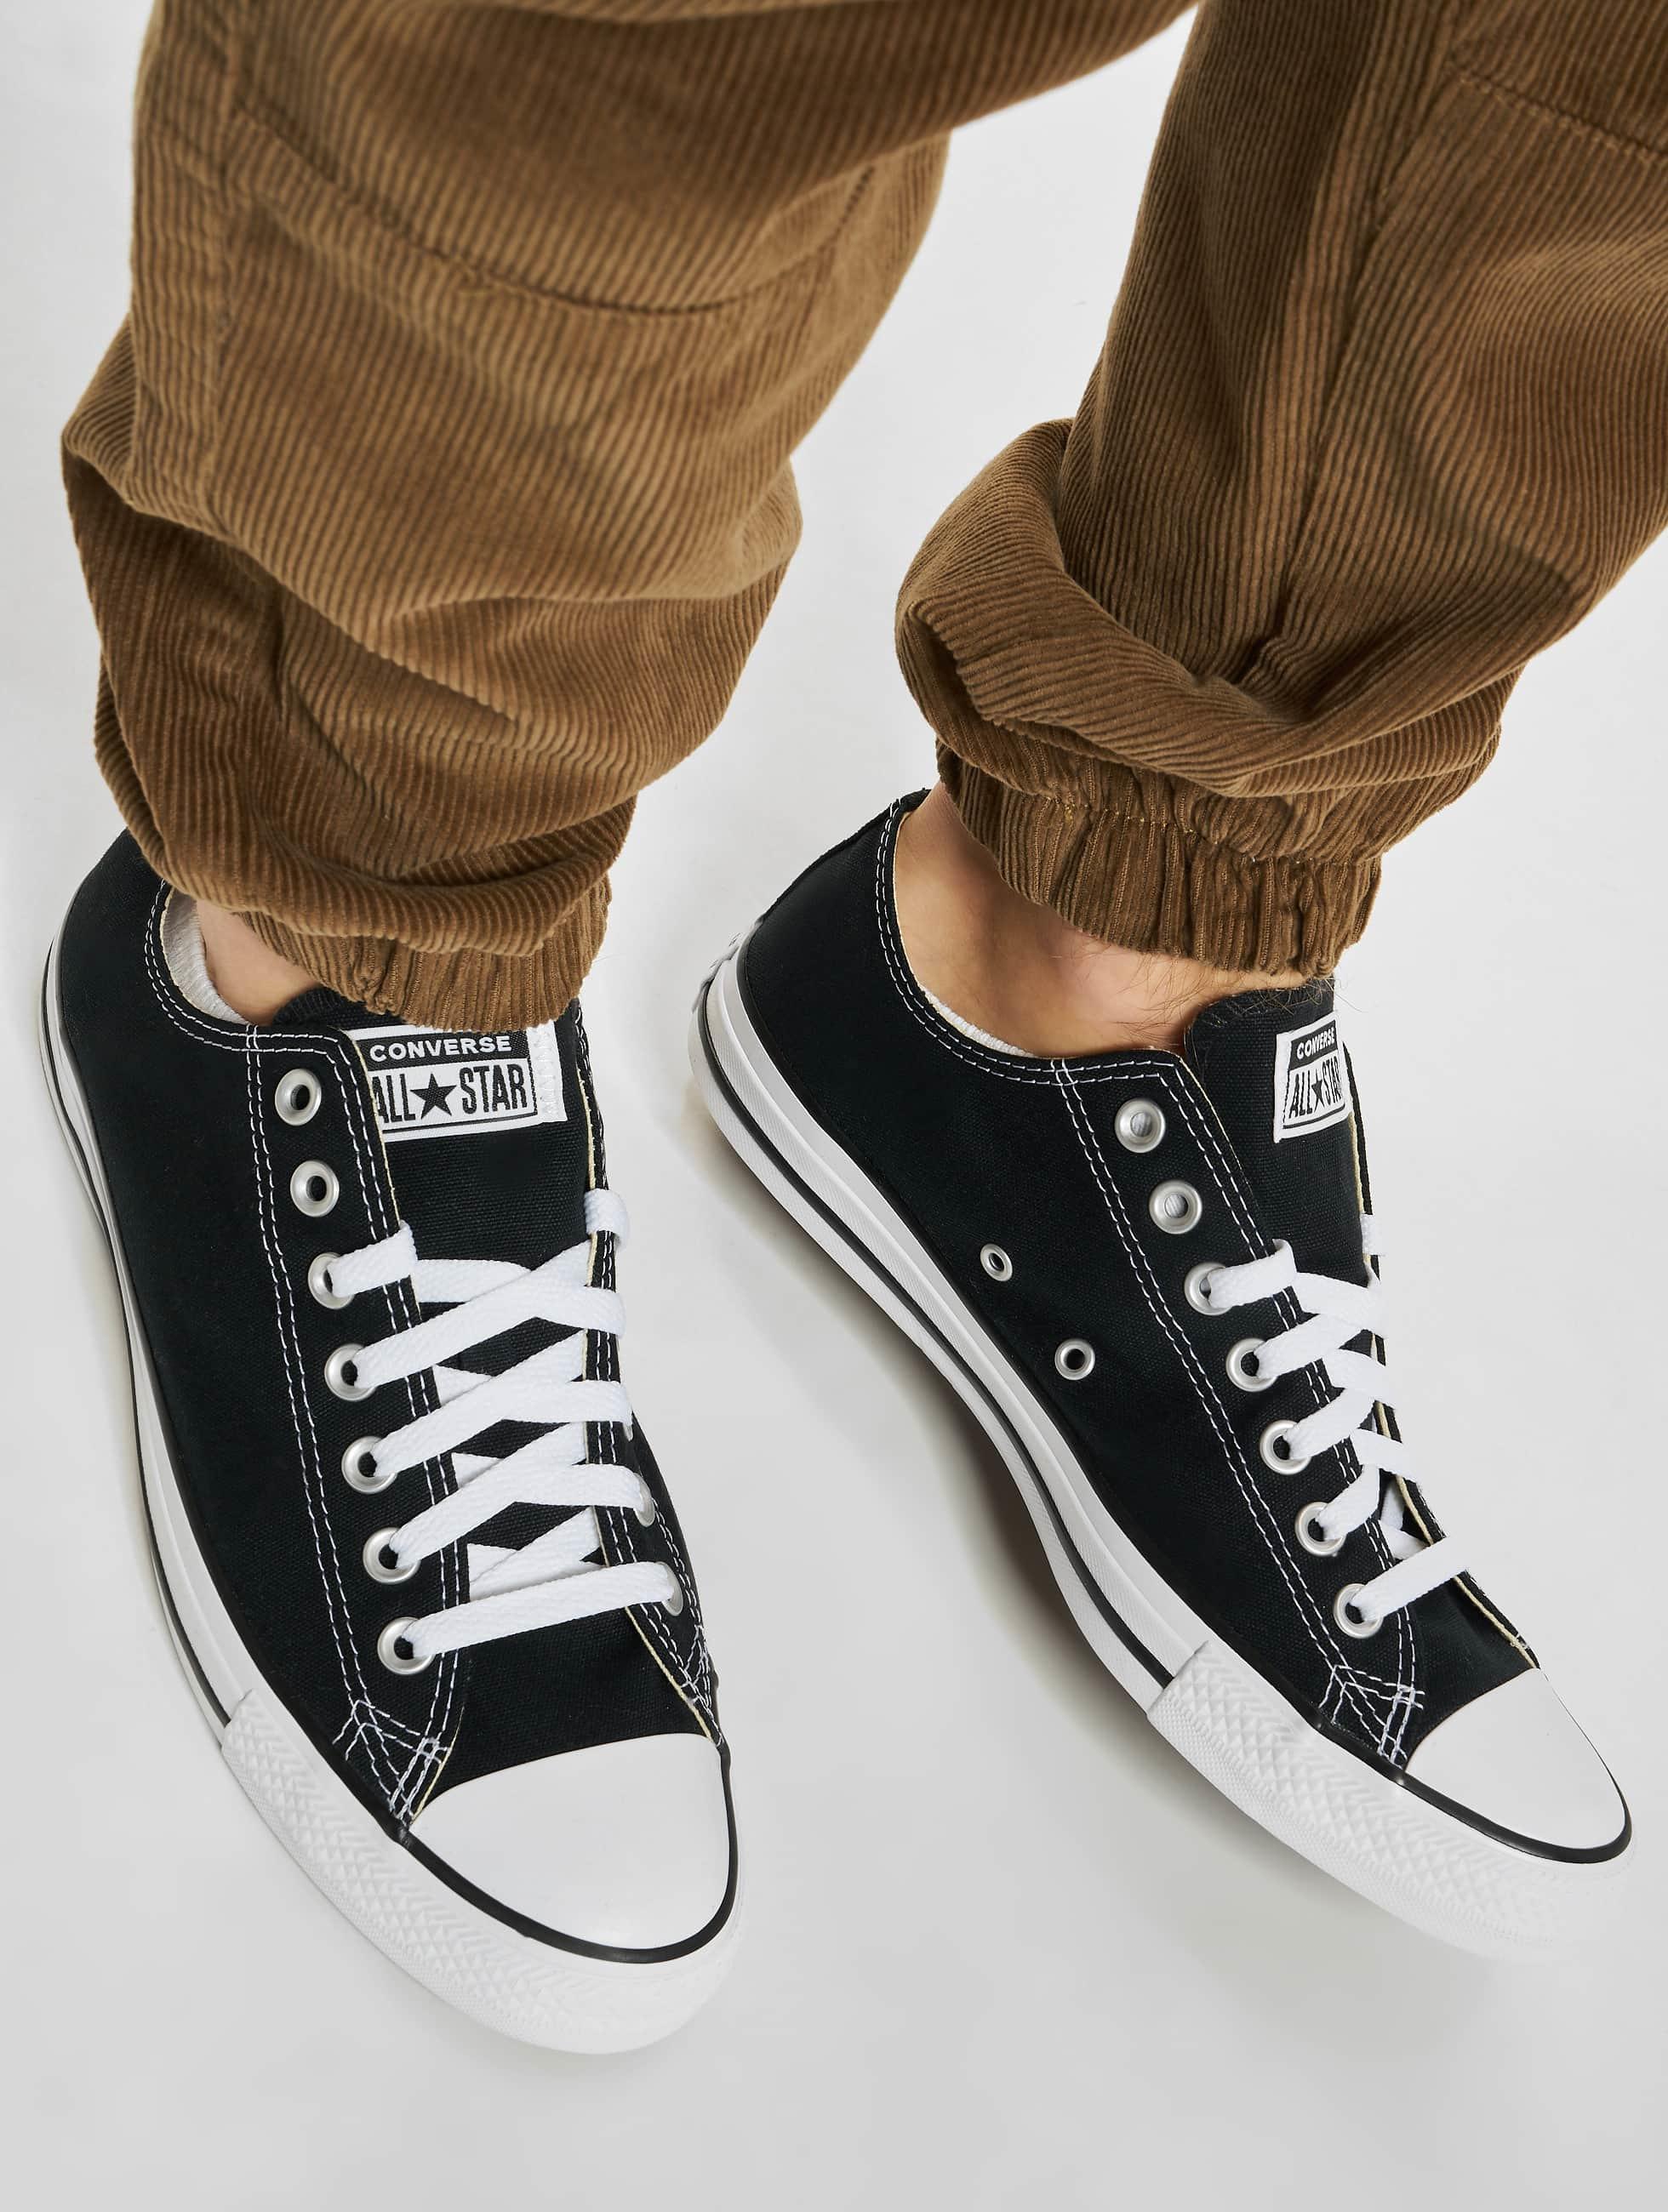 Converse Herren Schuhe Schuhe Schuhe Turnschuhe All Star Ox